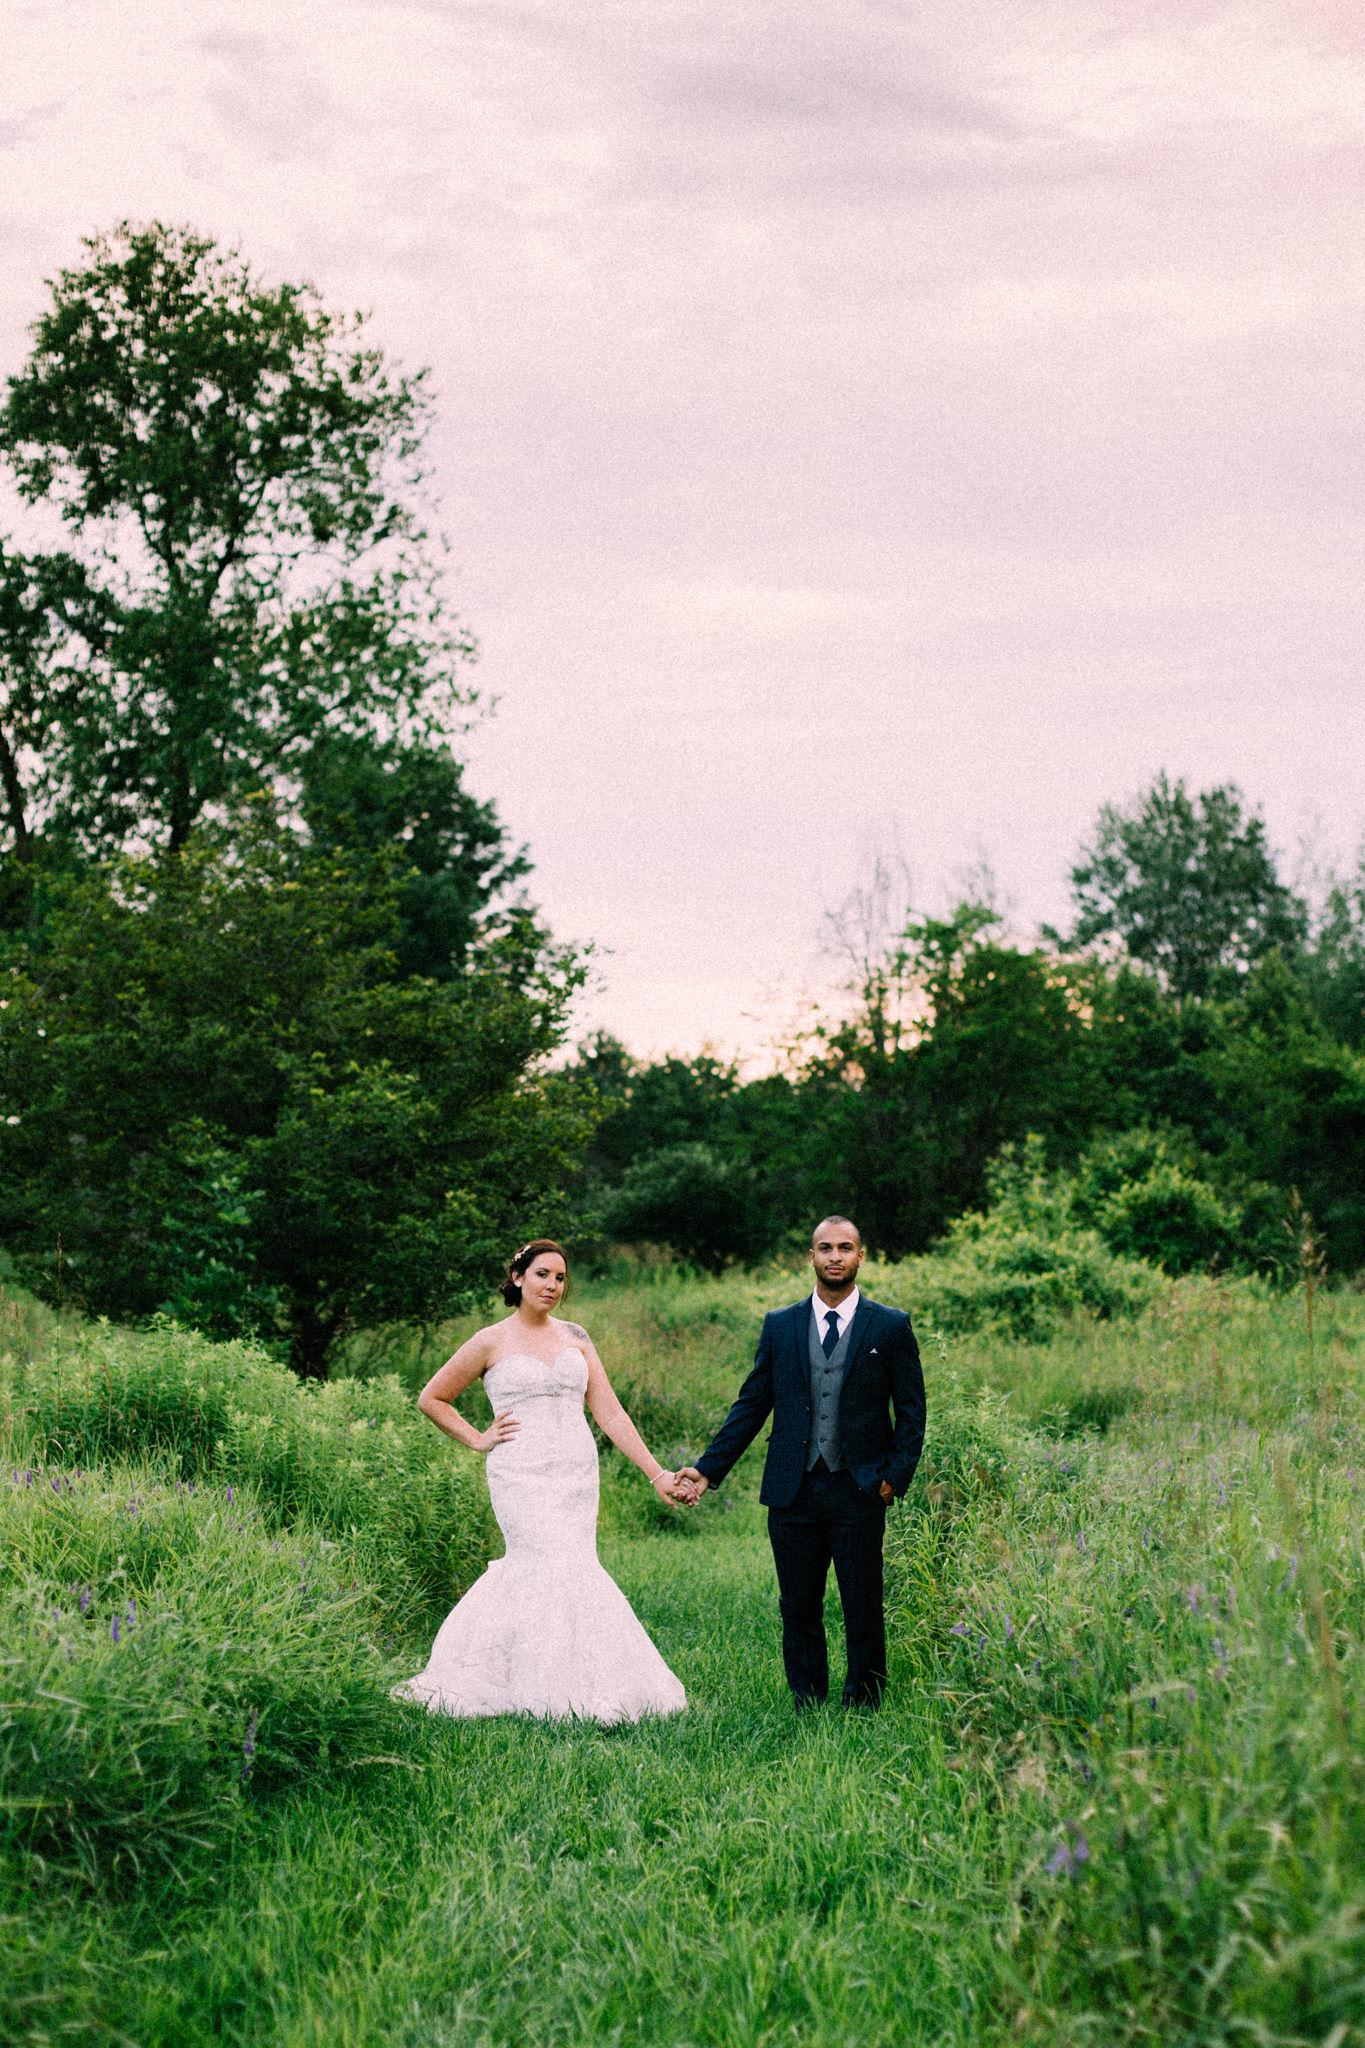 Orillia summer wedding at Northbrook Farms by Max Wong Photo (38)